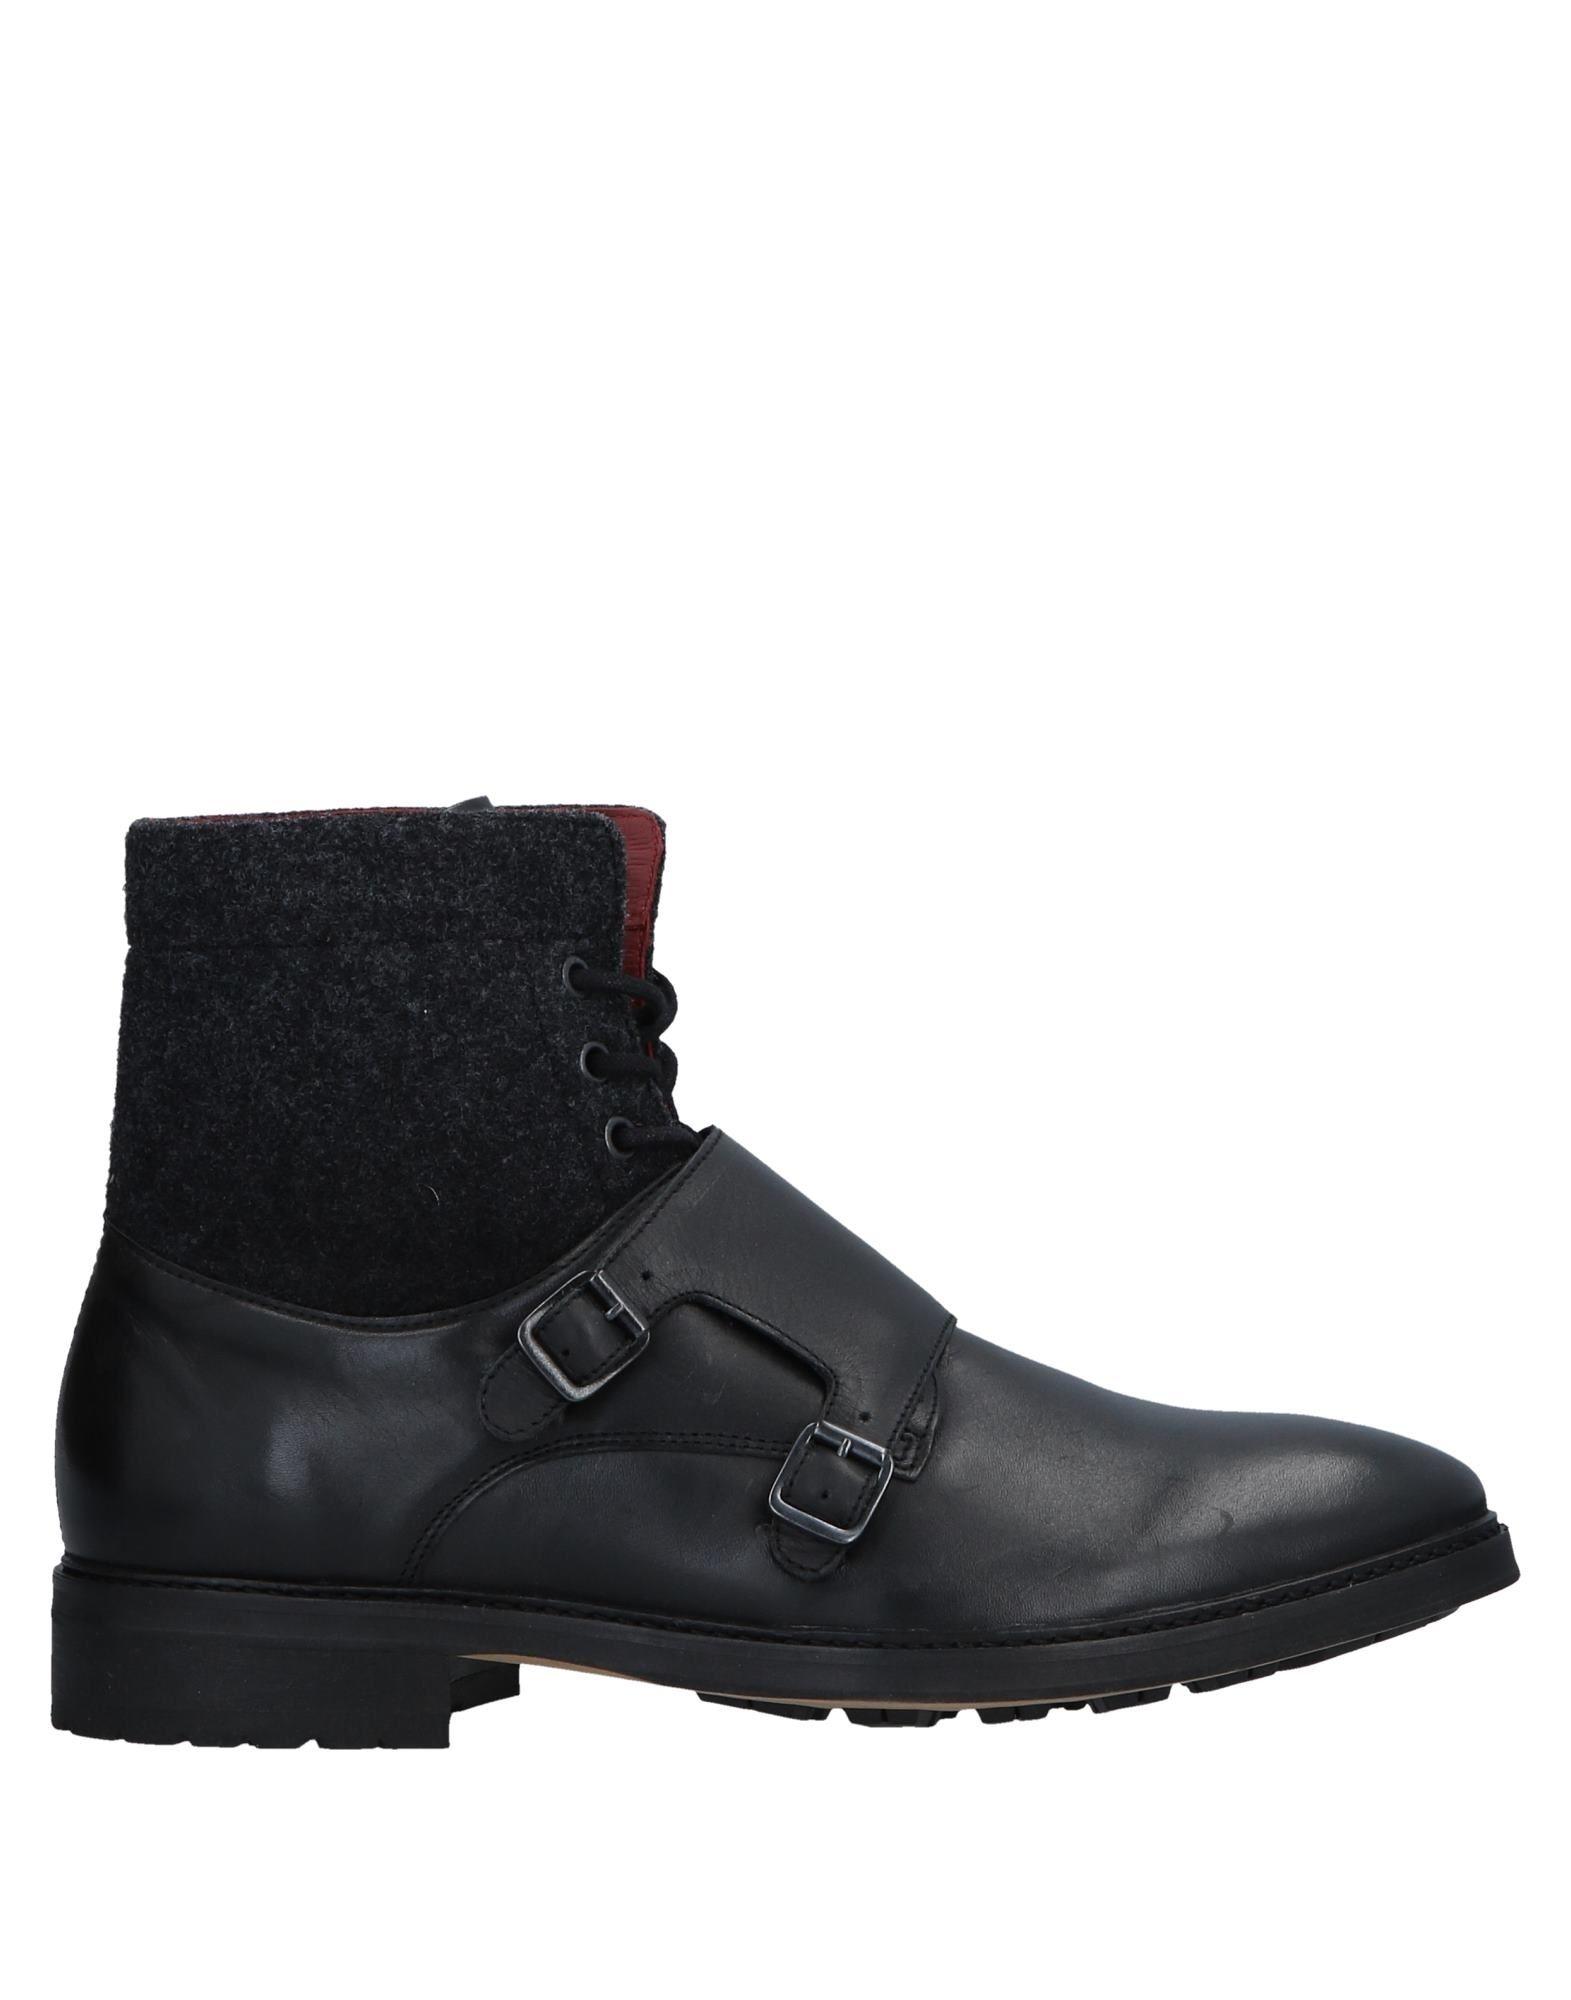 Armani Jeans Stiefelette Herren  11517812SQ Gute Qualität beliebte Schuhe